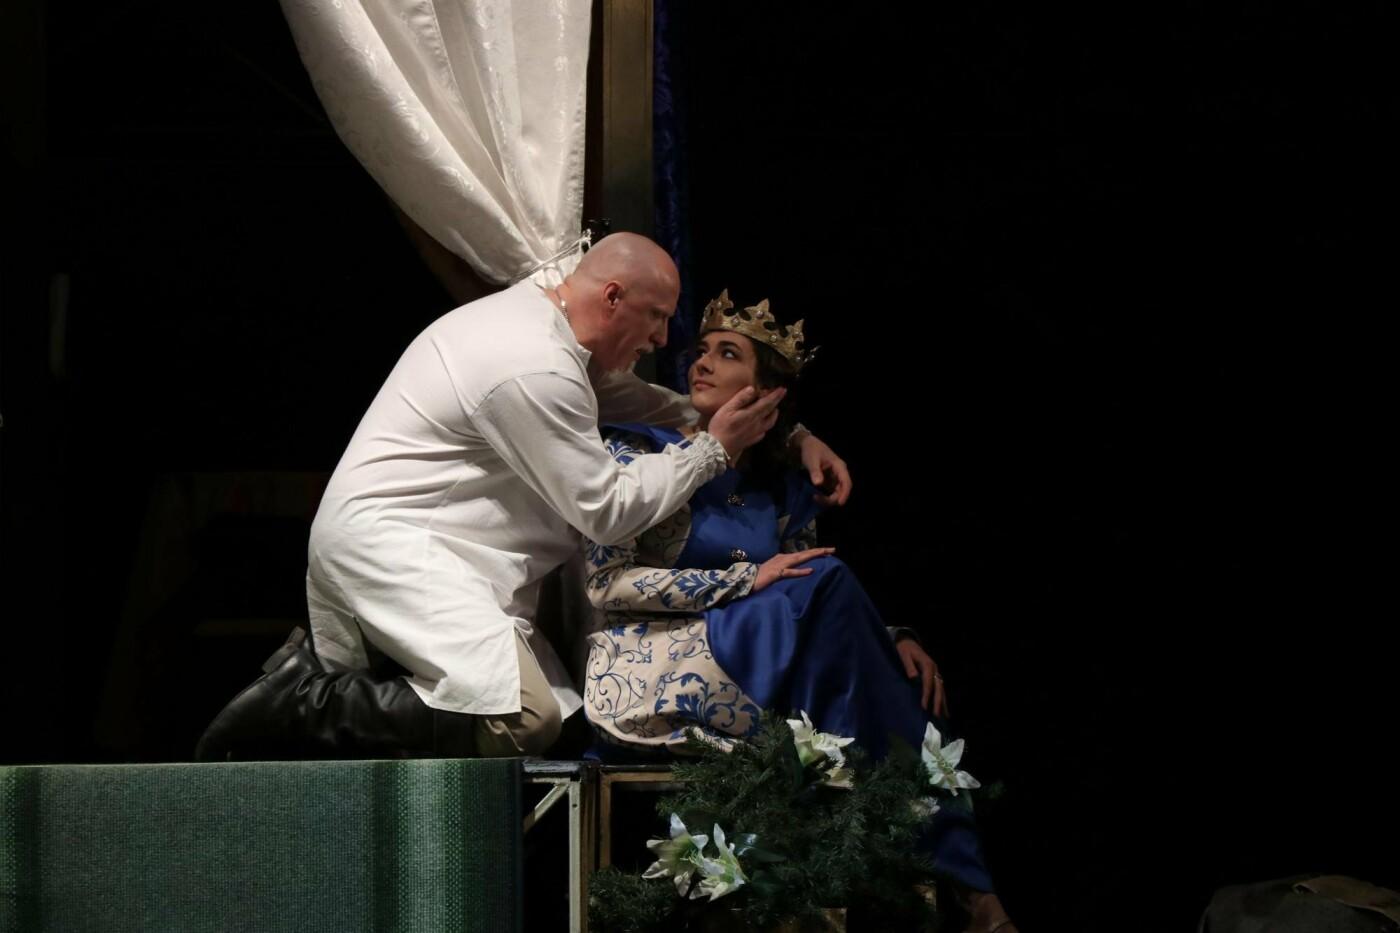 В Каменском театре показали историю любви и ненависти длиною в жизнь, фото-2